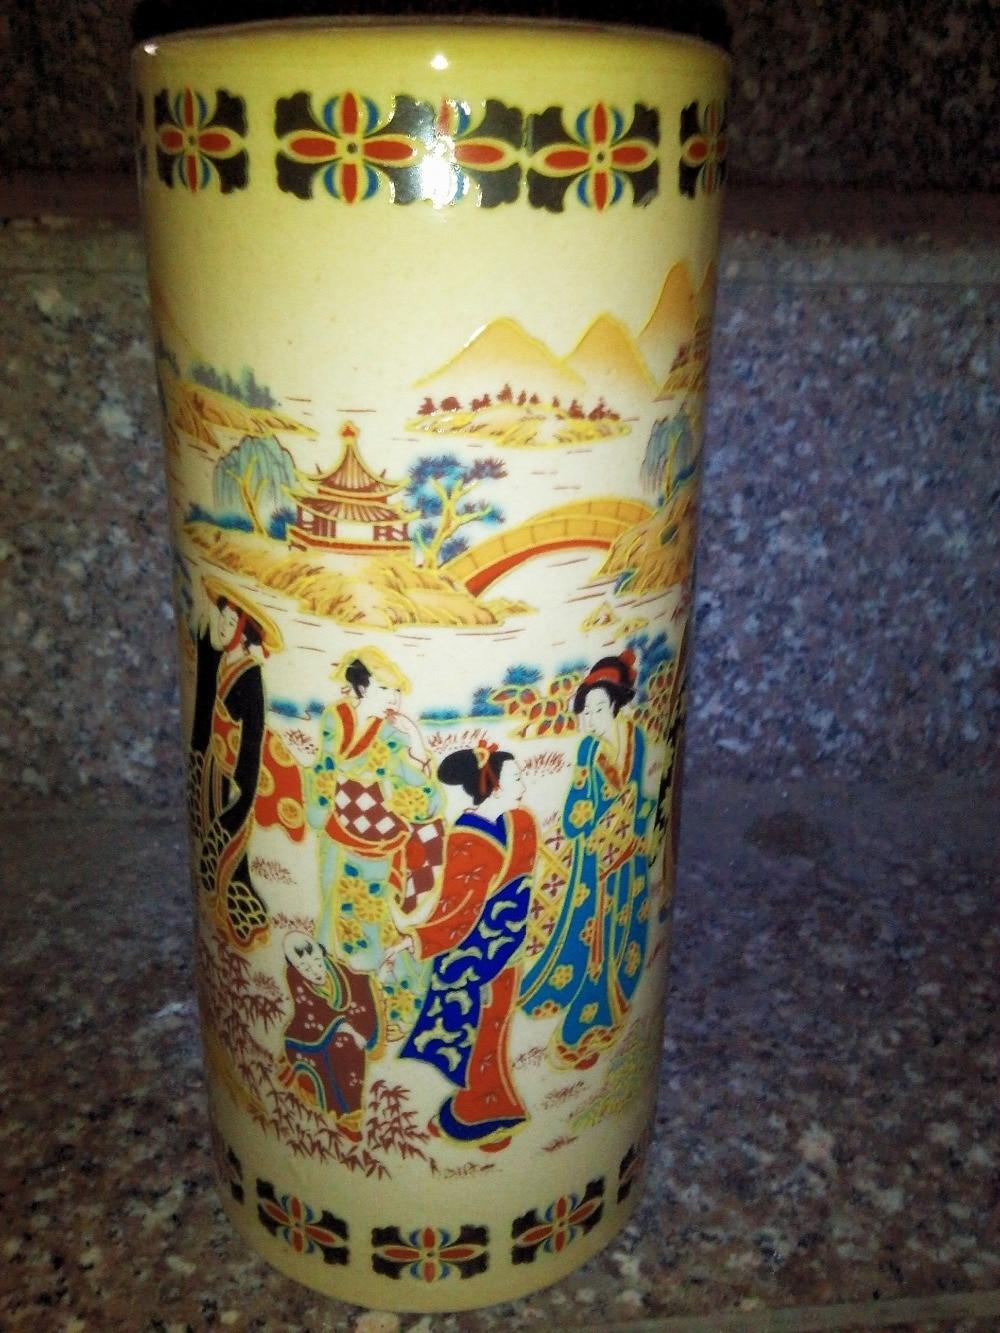 çince Antika Porselen Sır Porselen Vazo Boyama Klasik Sanat